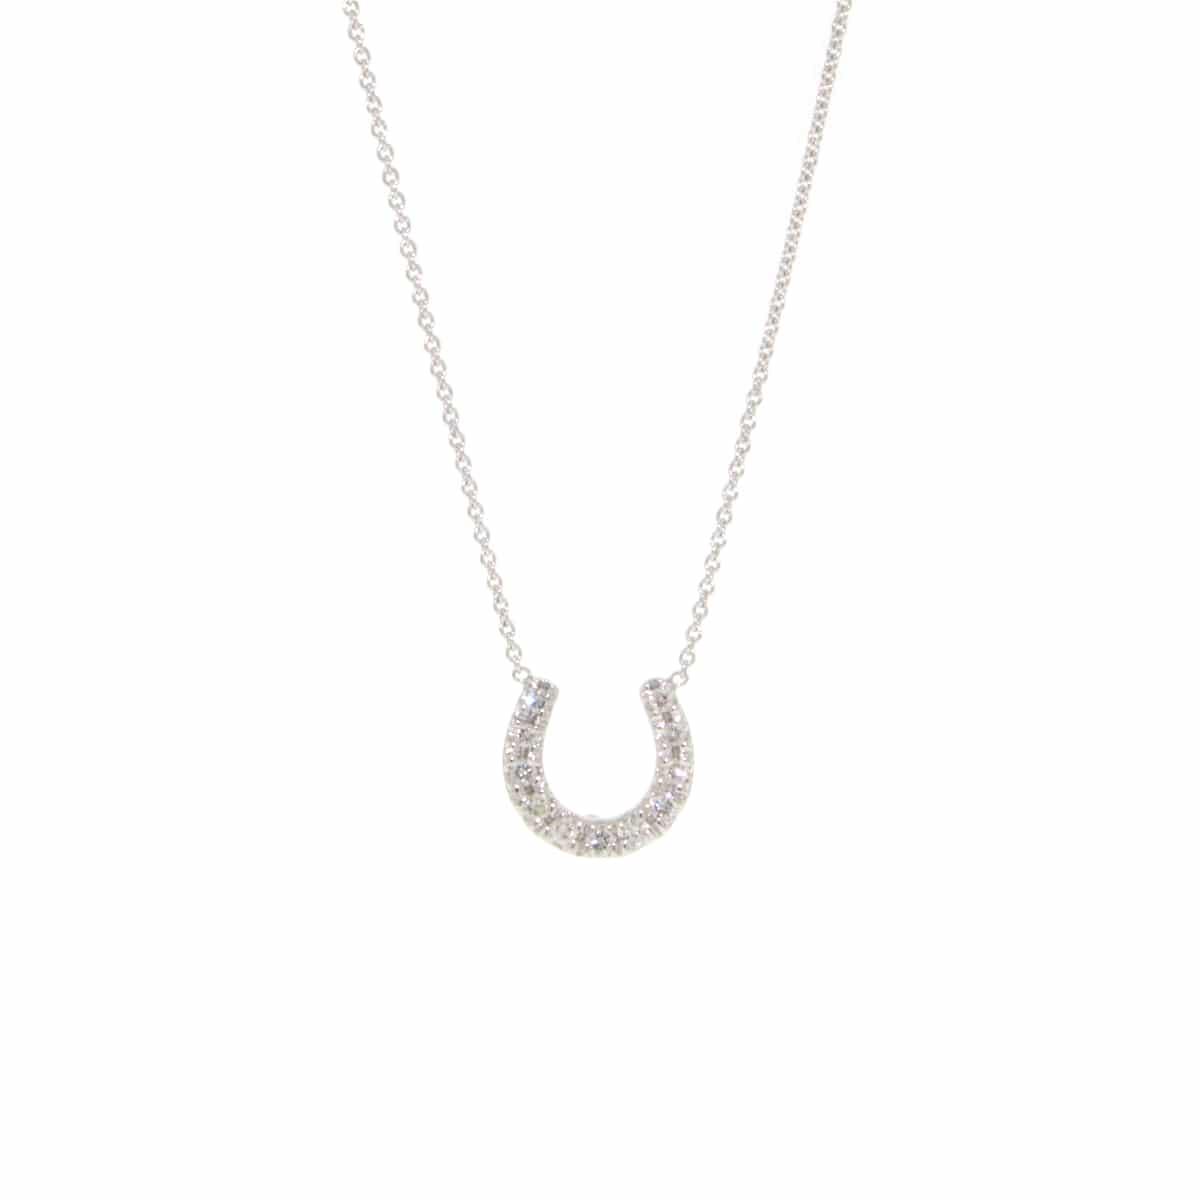 18k White Gold Horseshoe Necklace with Diamonds